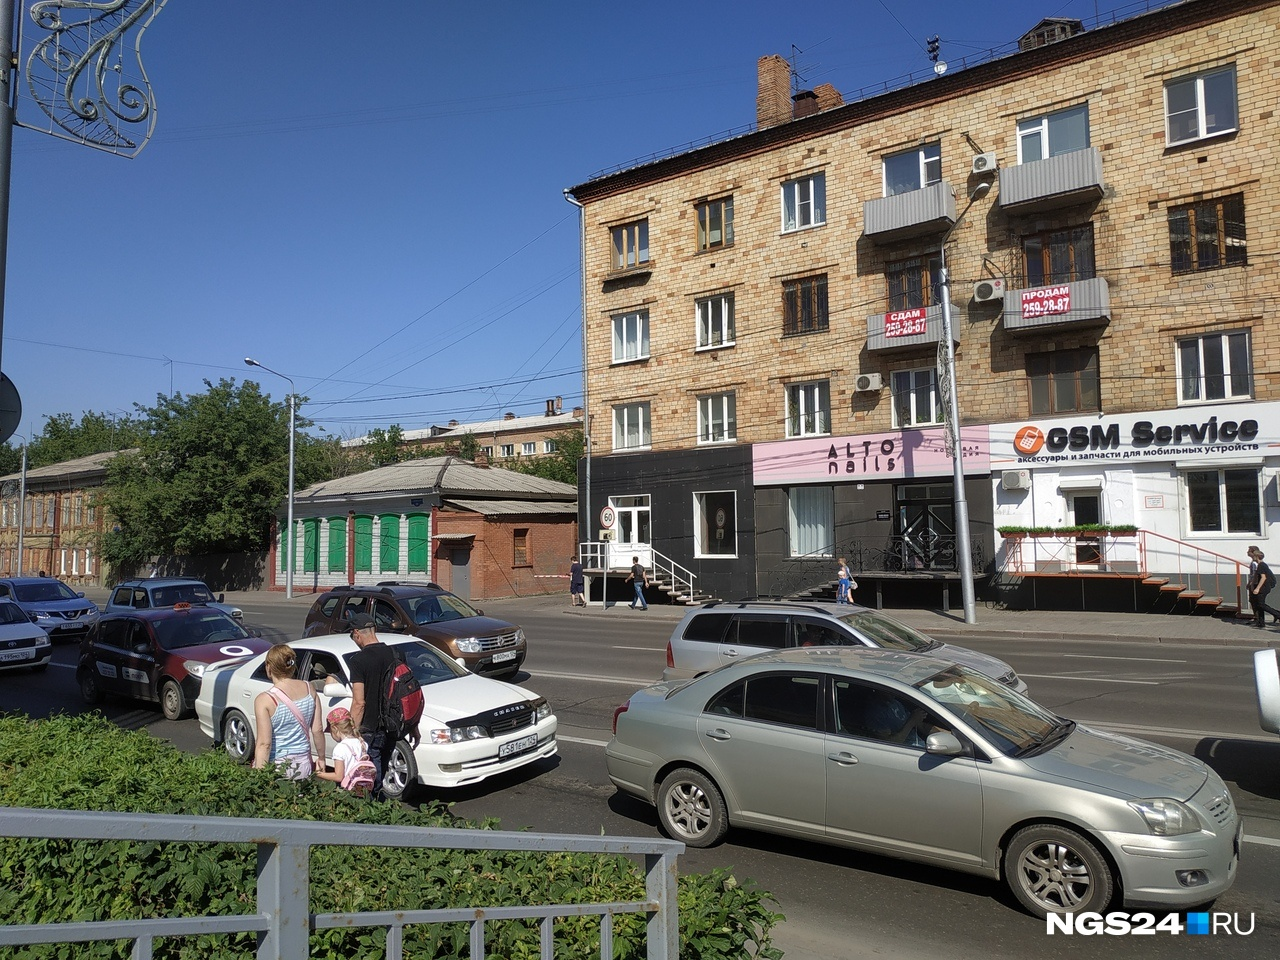 Кафе располагалась в левой части здания, там уже демонтировали вывеску